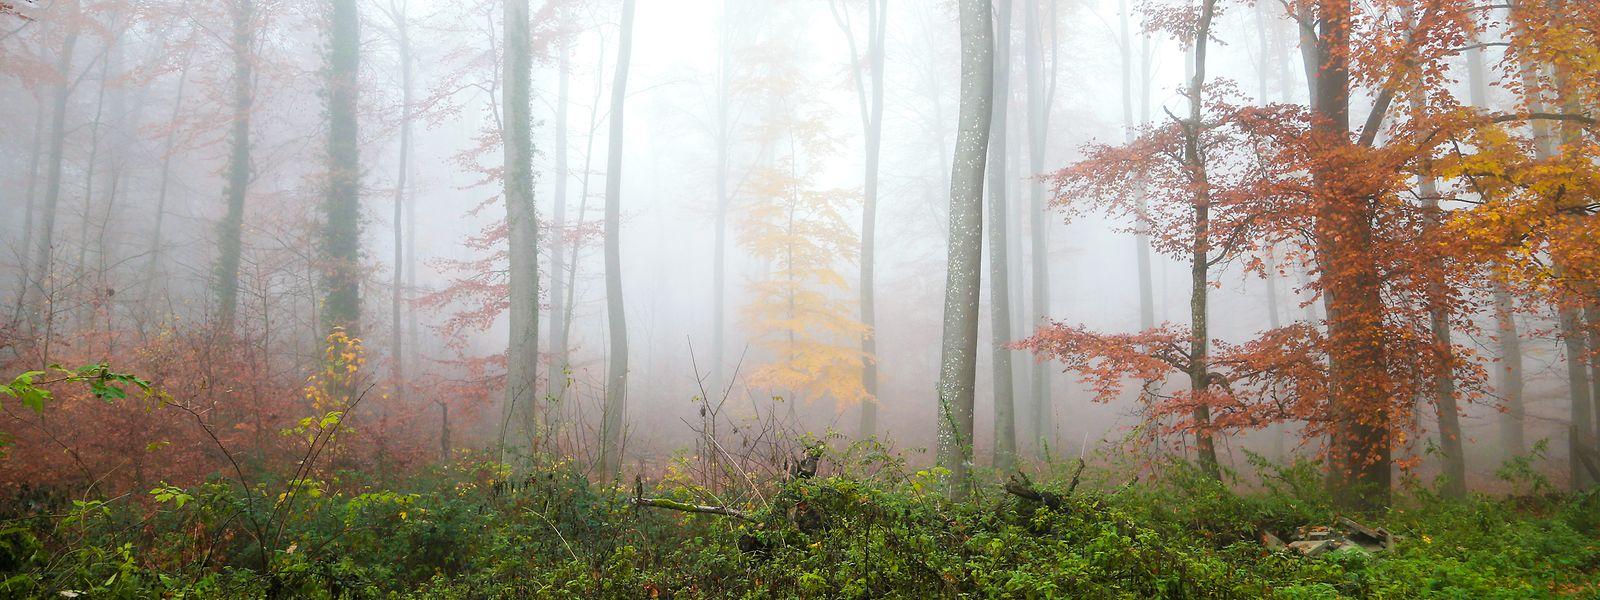 Grau in Grau präsentierte sich der Großteil des herbstlichen Wettergeschehens.